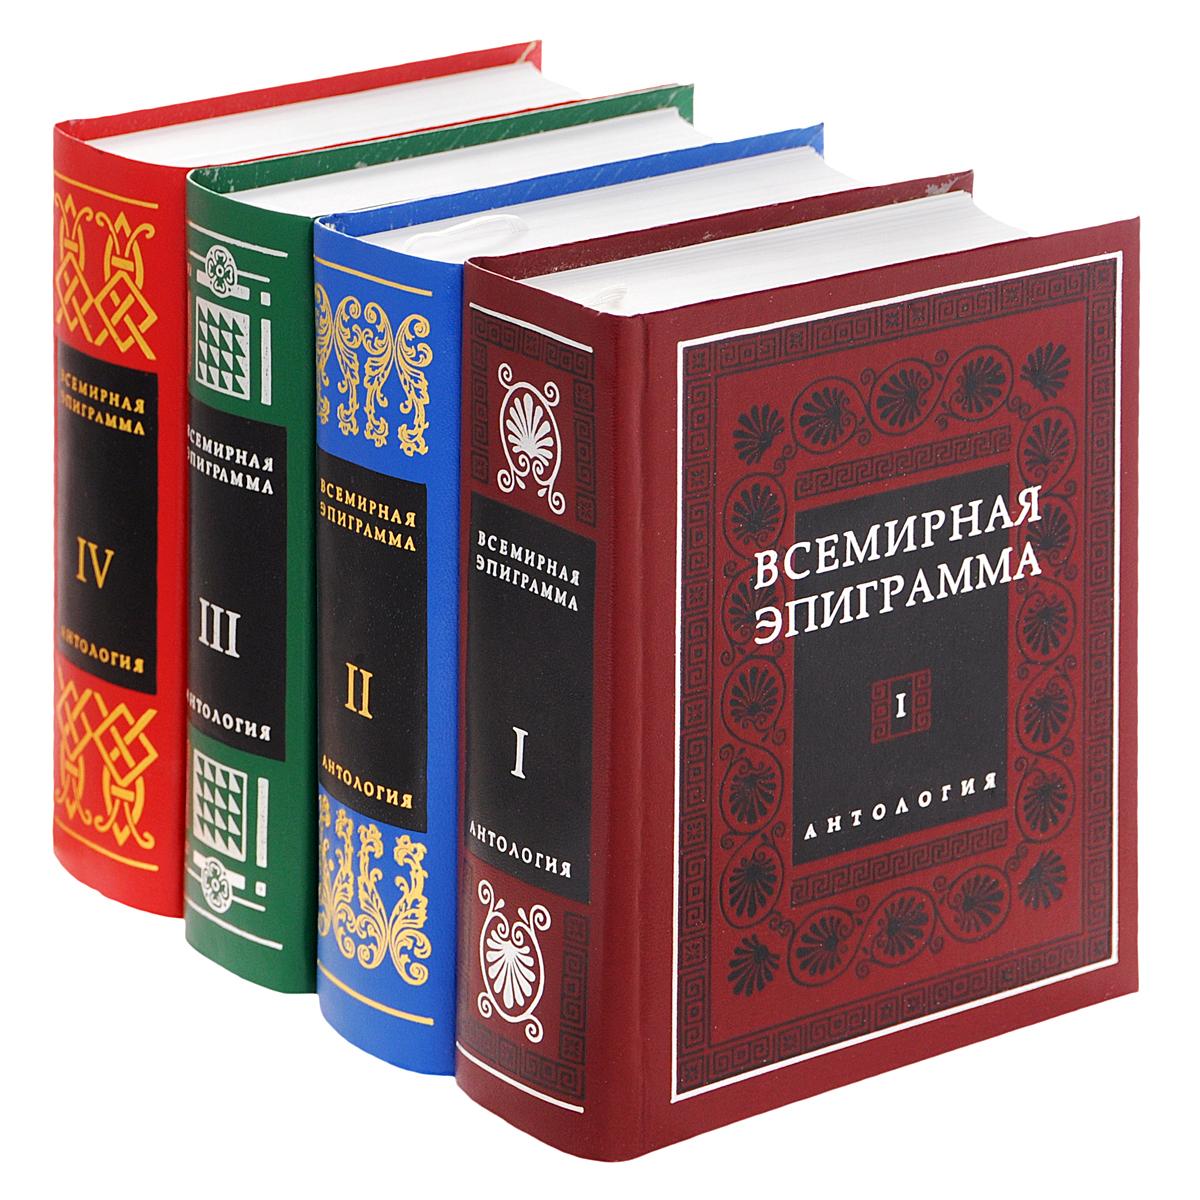 Всемирная эпиграмма. Антология в 4 томах (комплект)